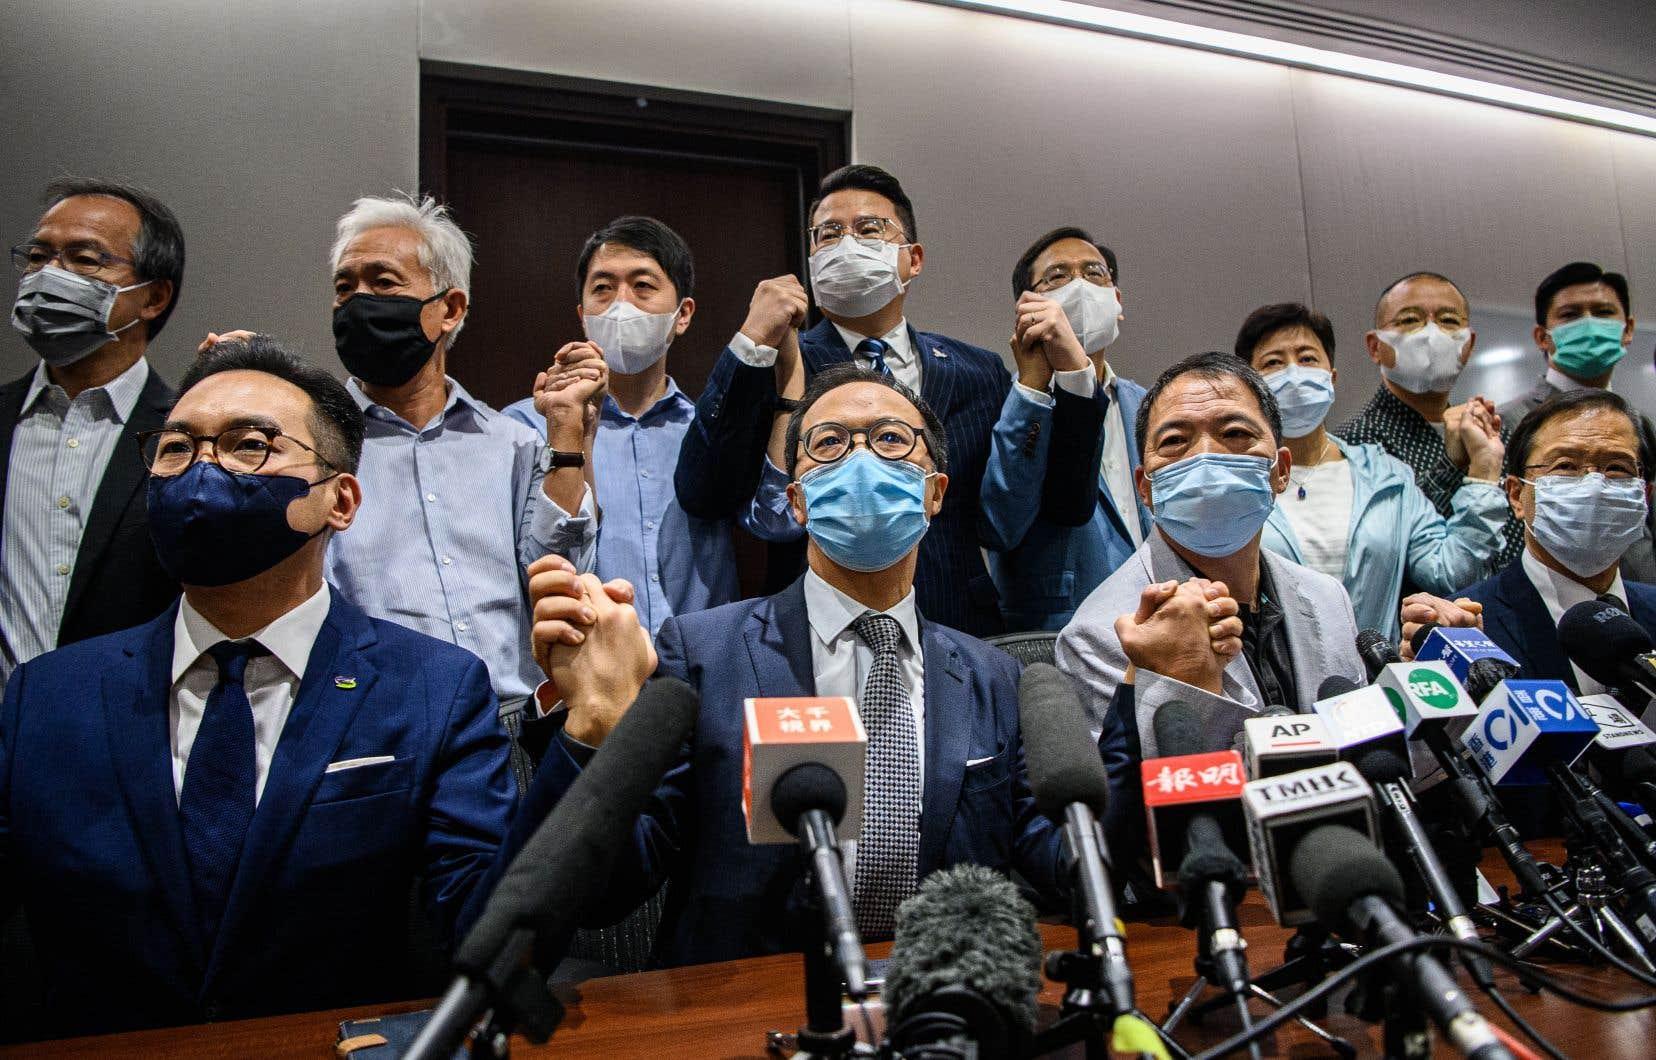 Tous les députés pro-démocratie hongkongais ont démissionné en bloc mercredi, déclenchant une crise politique sans précédent.